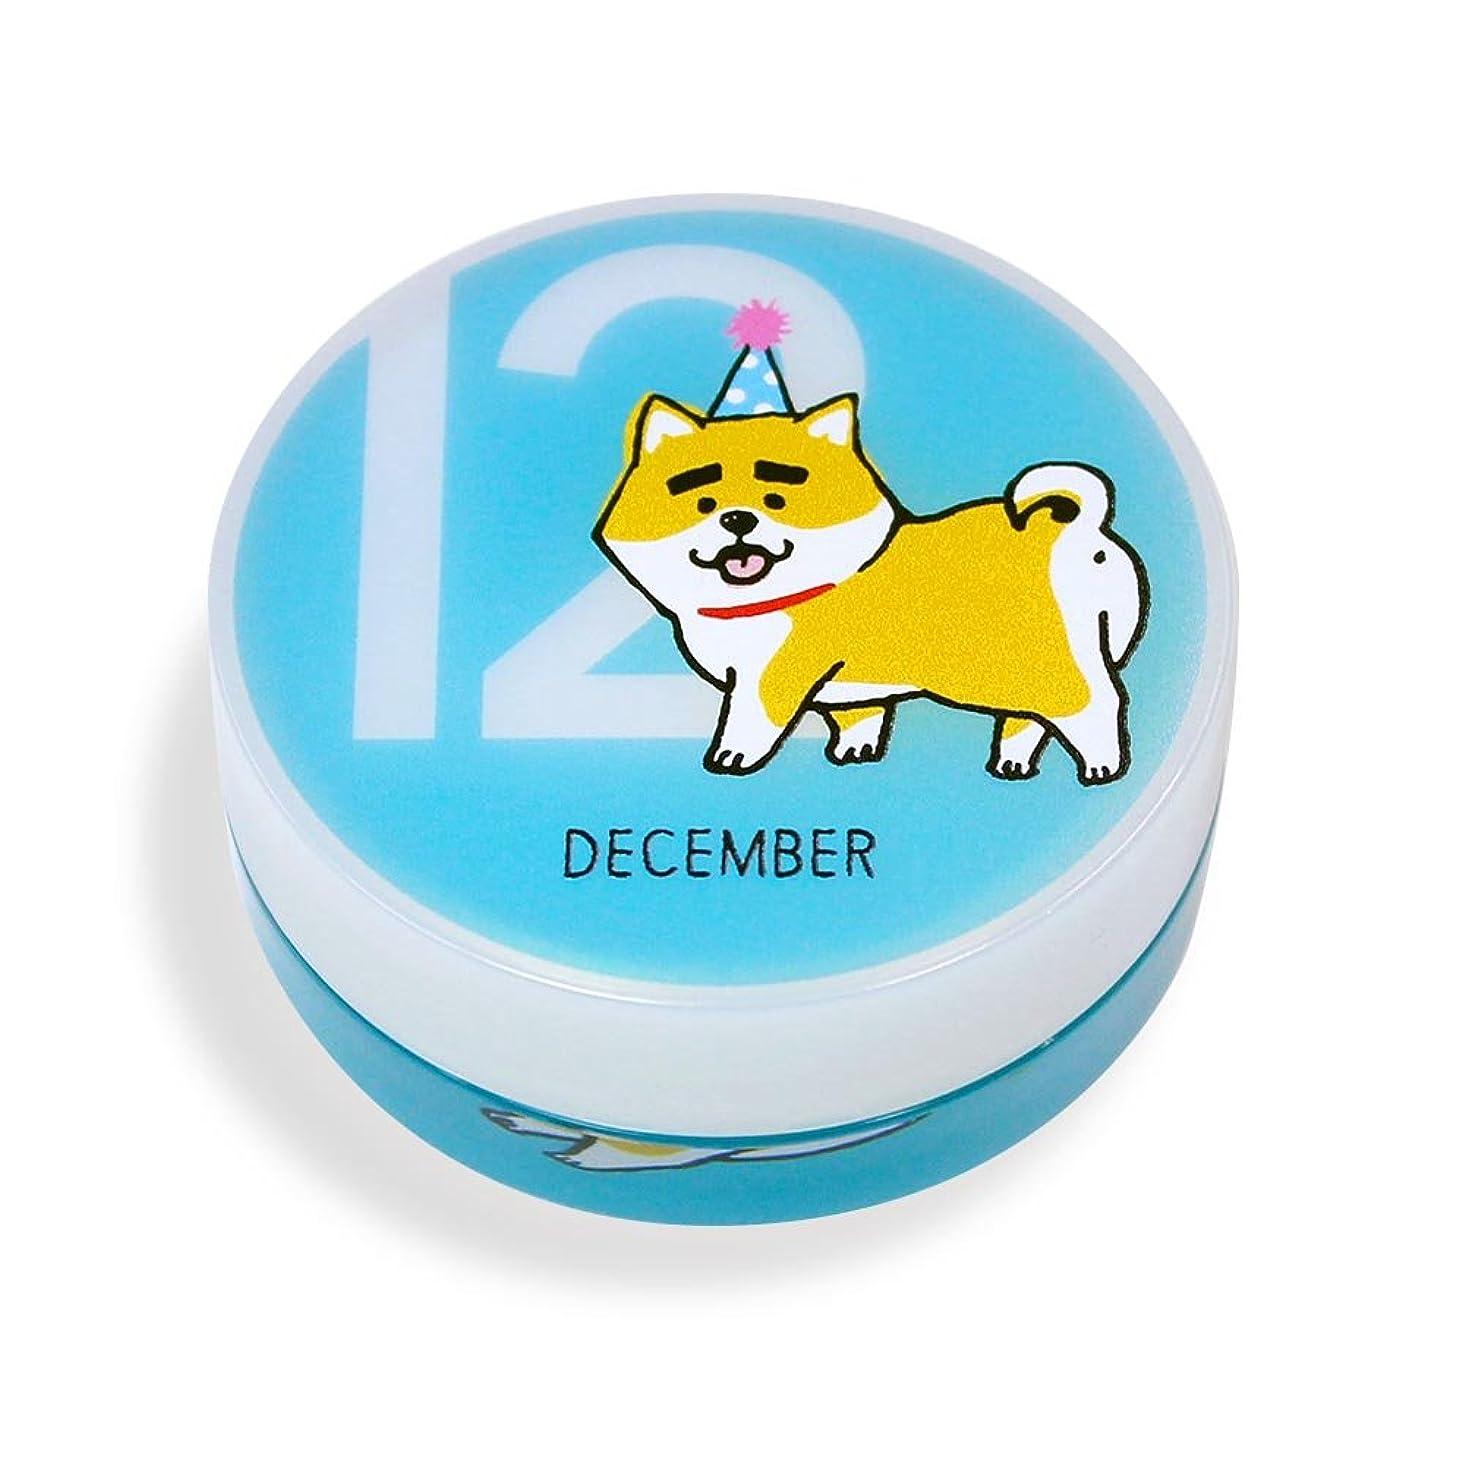 例示する近々適切なしばんばん フルプルクリーム 誕生月シリーズ 12月 20g